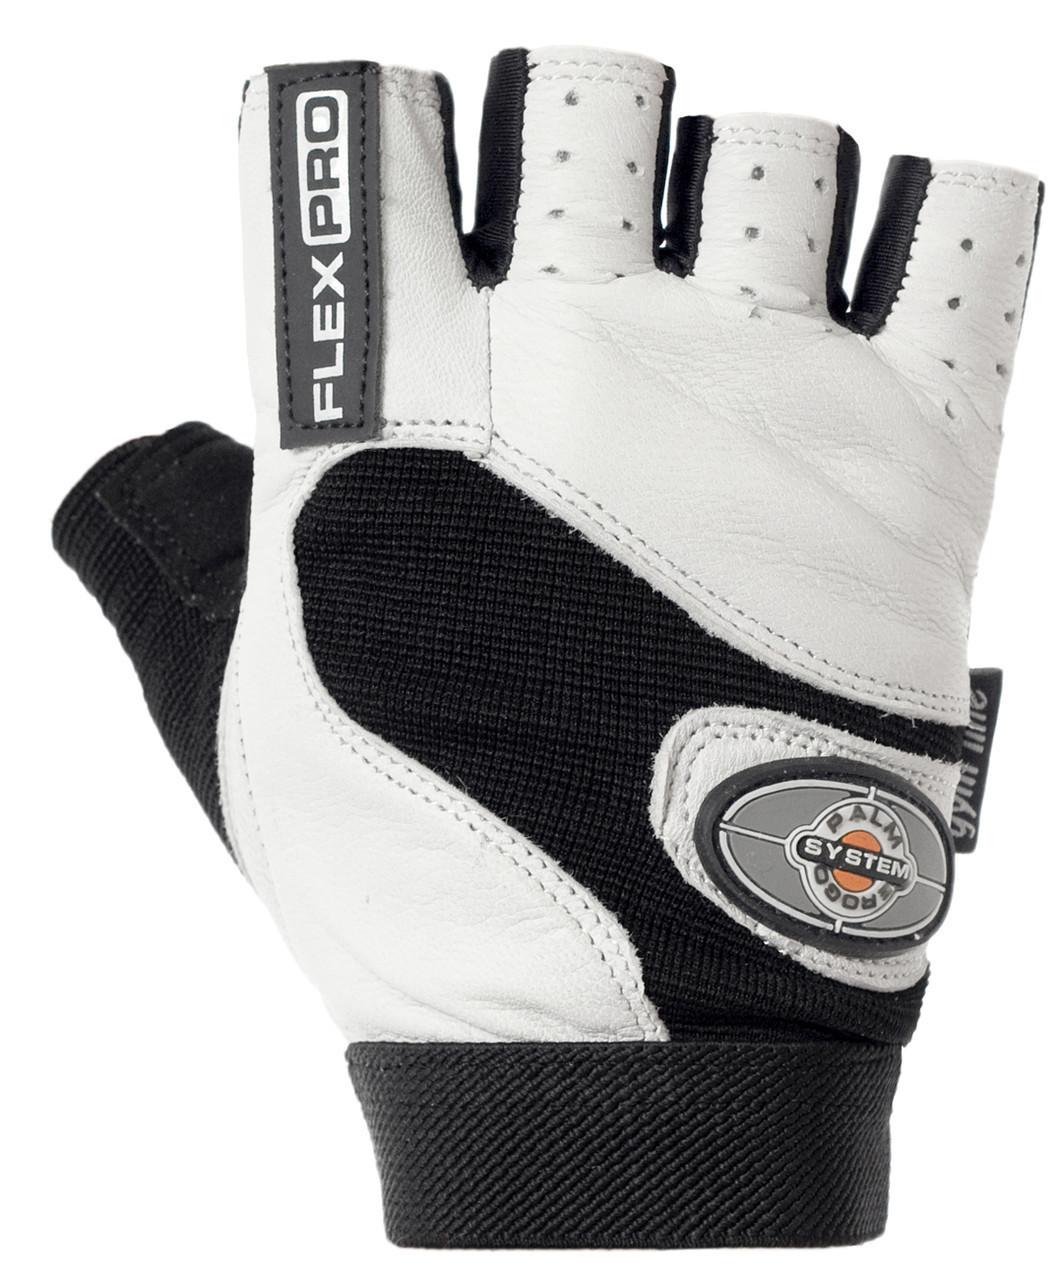 Перчатки для фитнеса и тяжелой атлетики Power System Flex Pro PS-2650 M White